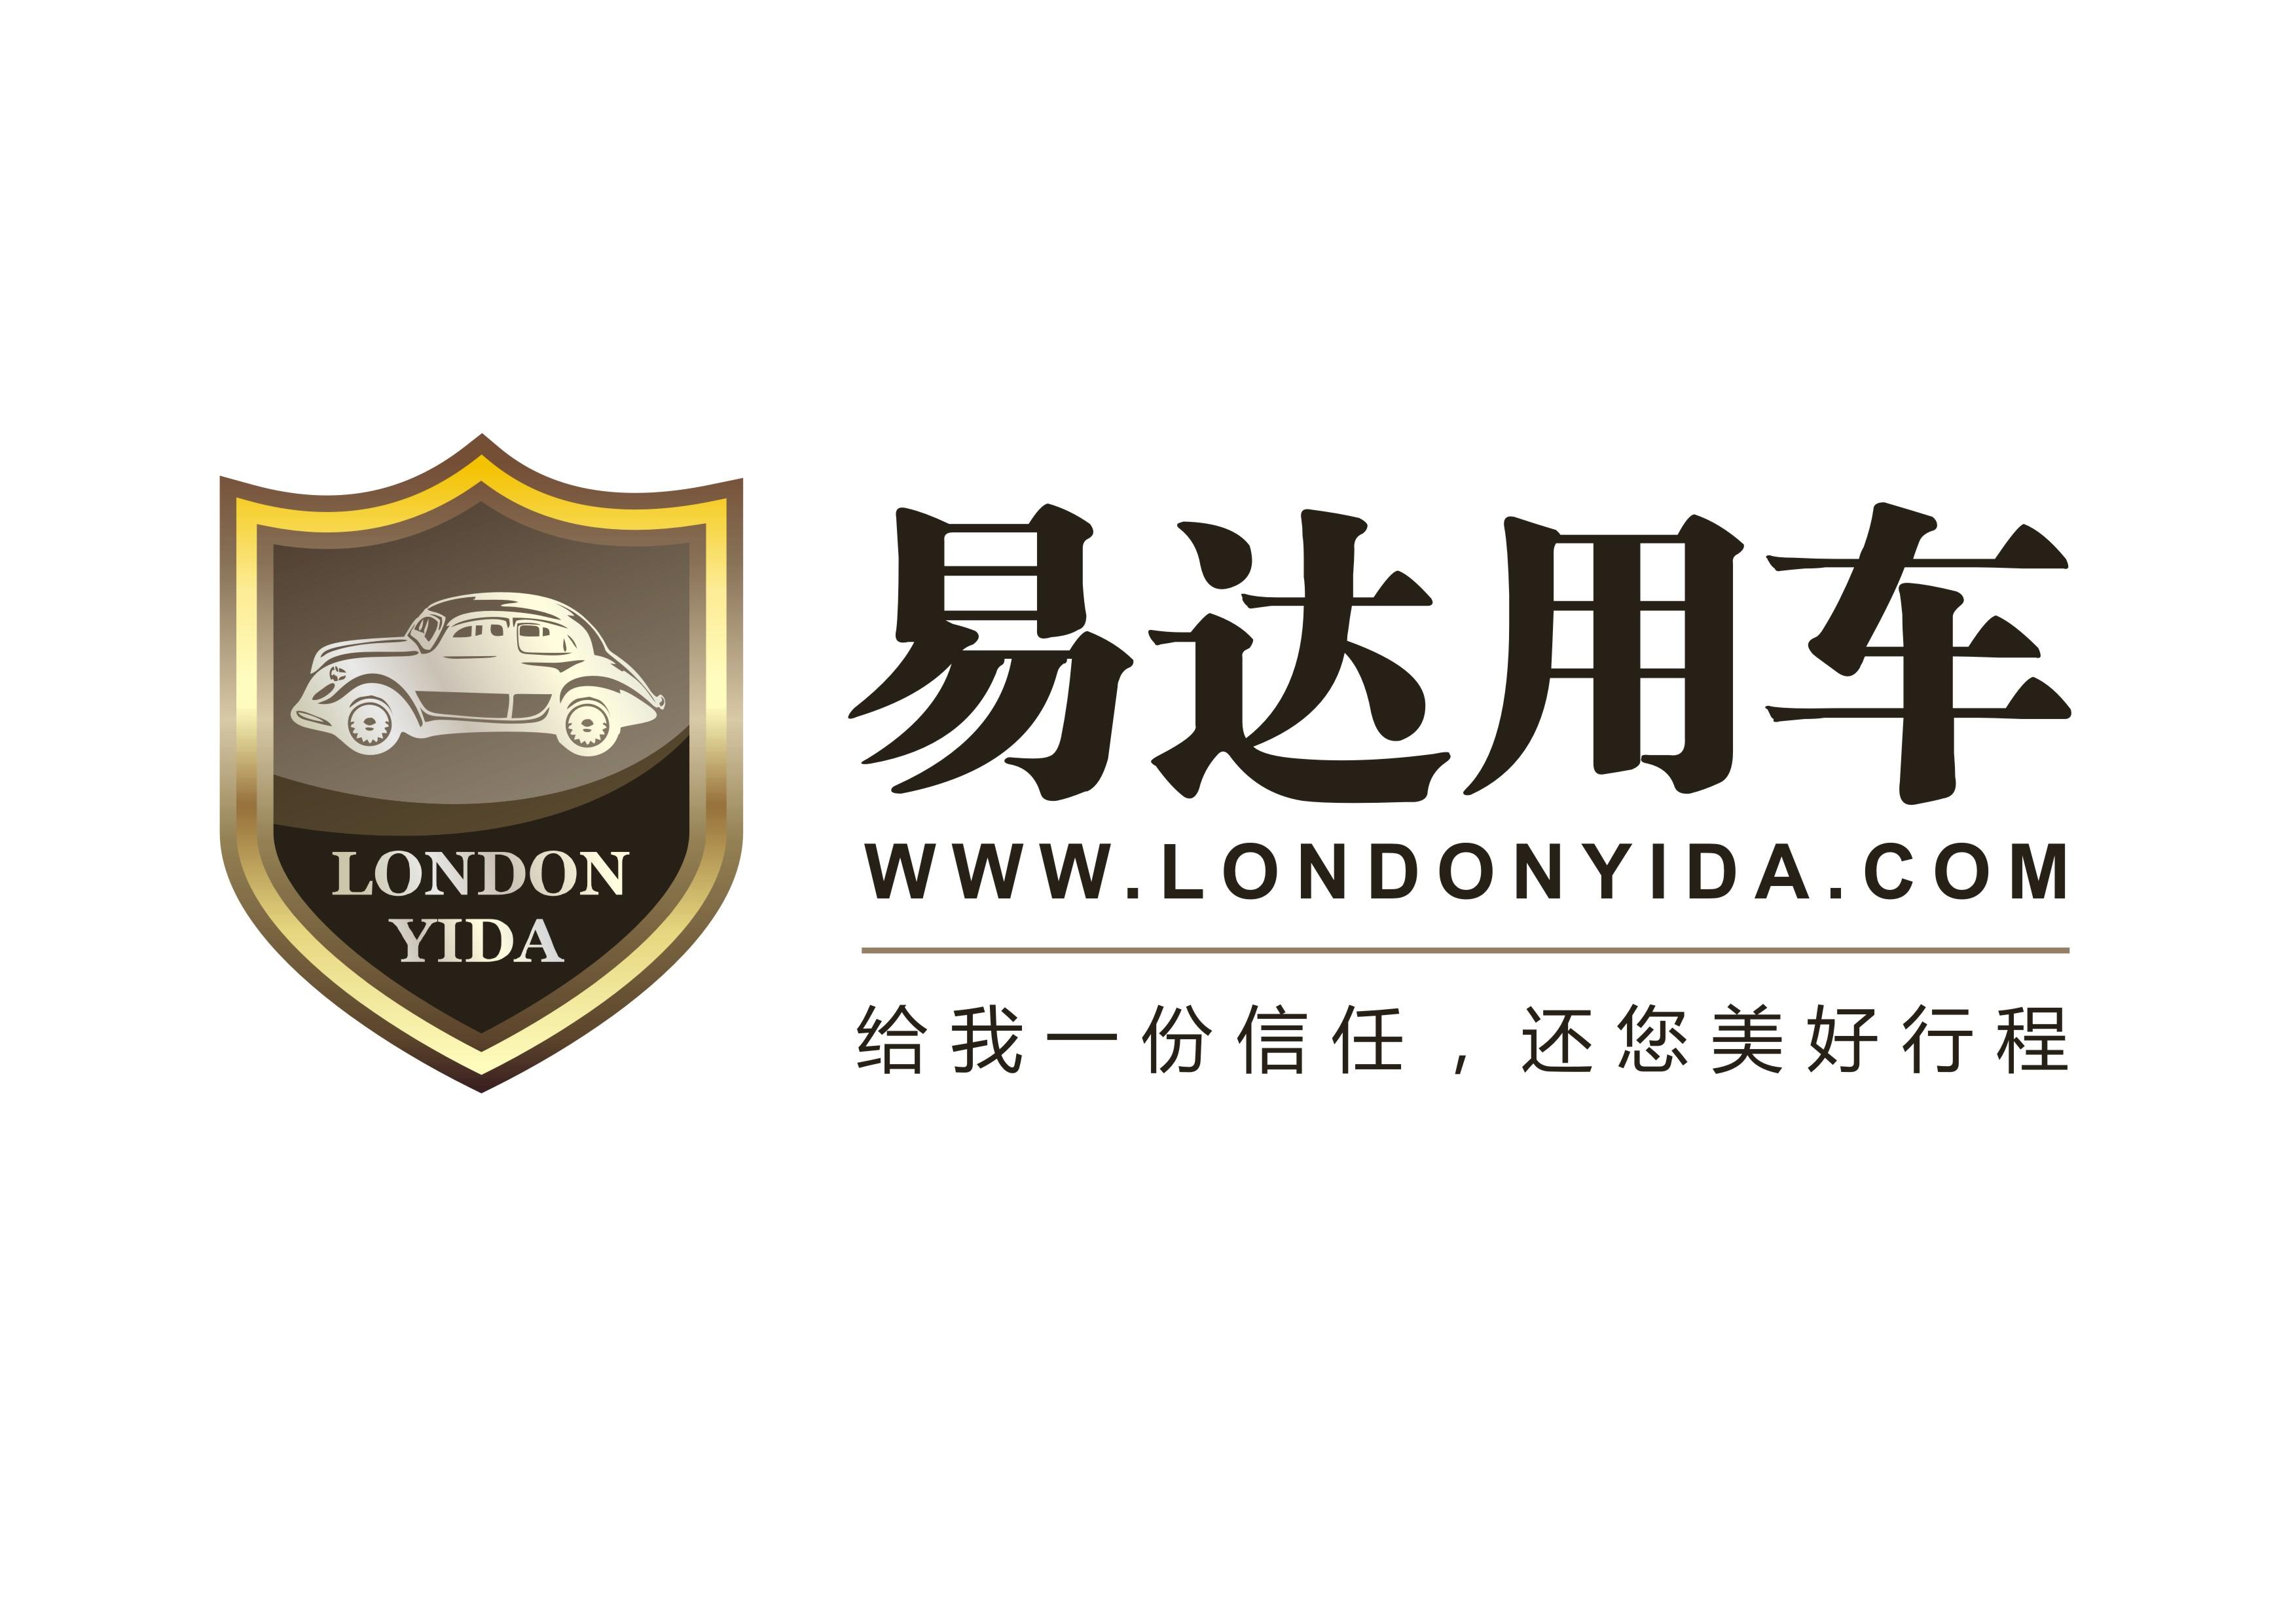 伦敦易达平台欢迎您的加入